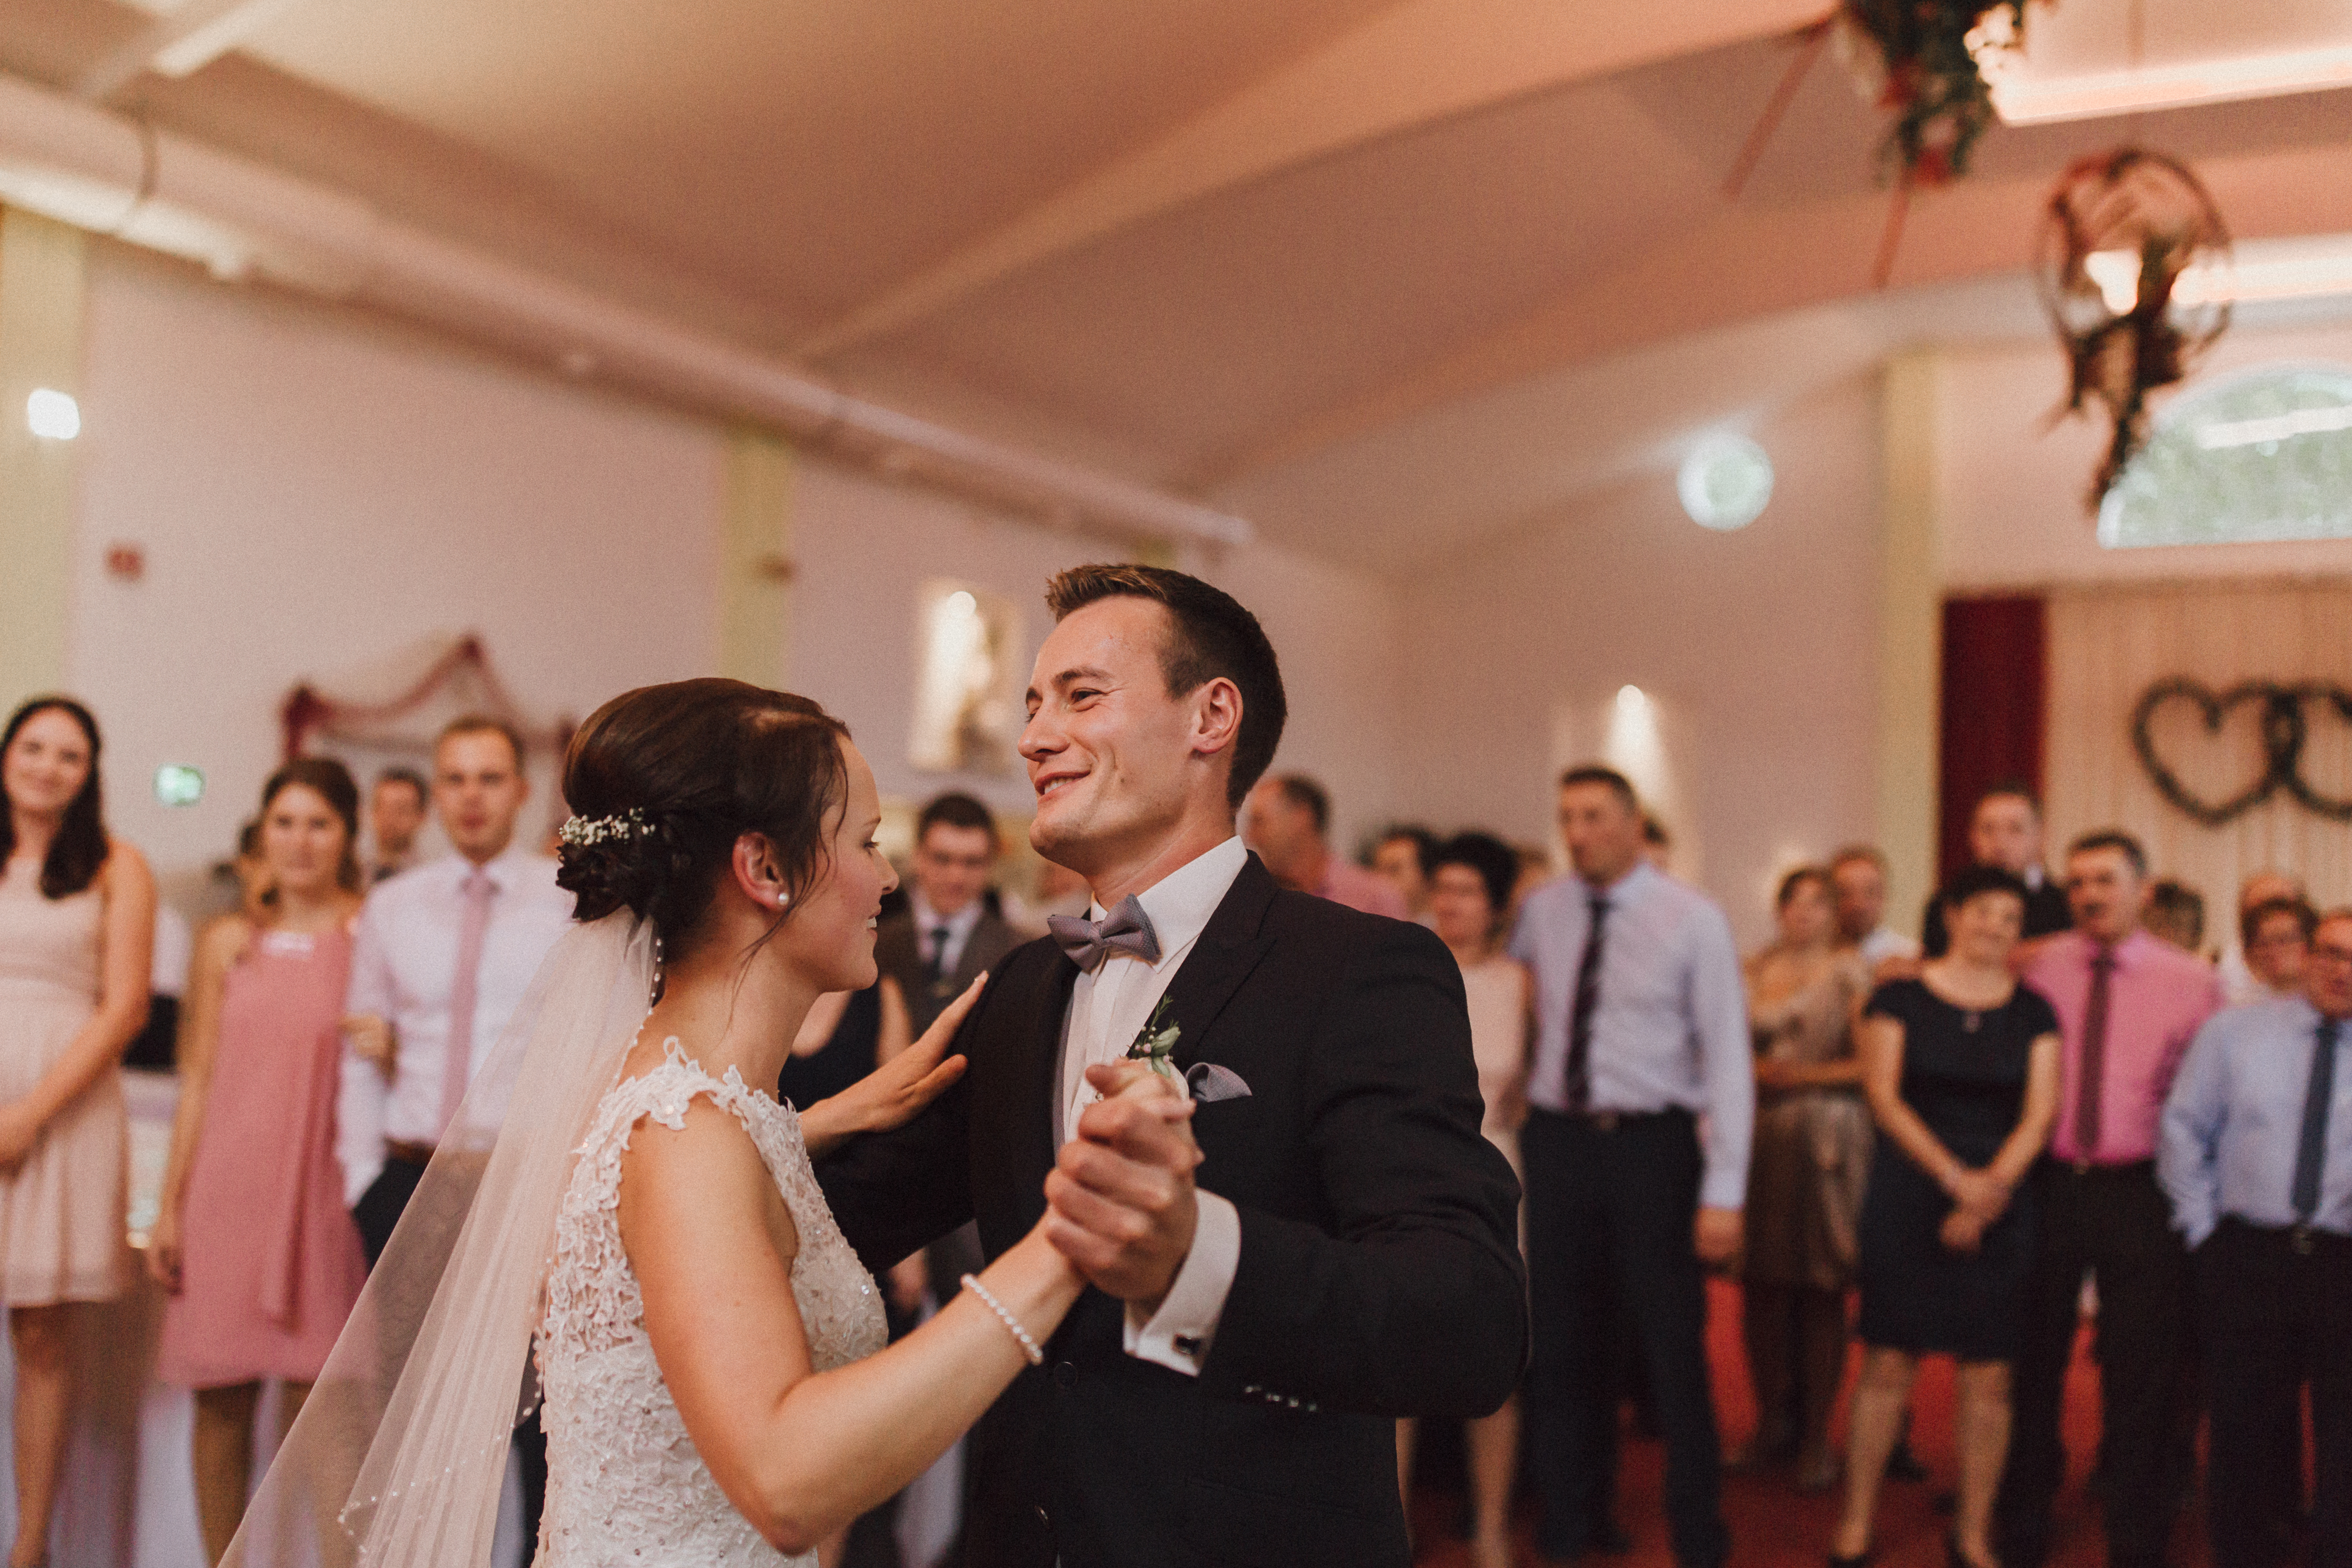 URBANERIE_Daniela_Goth_Hochzeitsfotografin_Nürnberg_Fürth_Erlangen_Schwabach_170909_0101